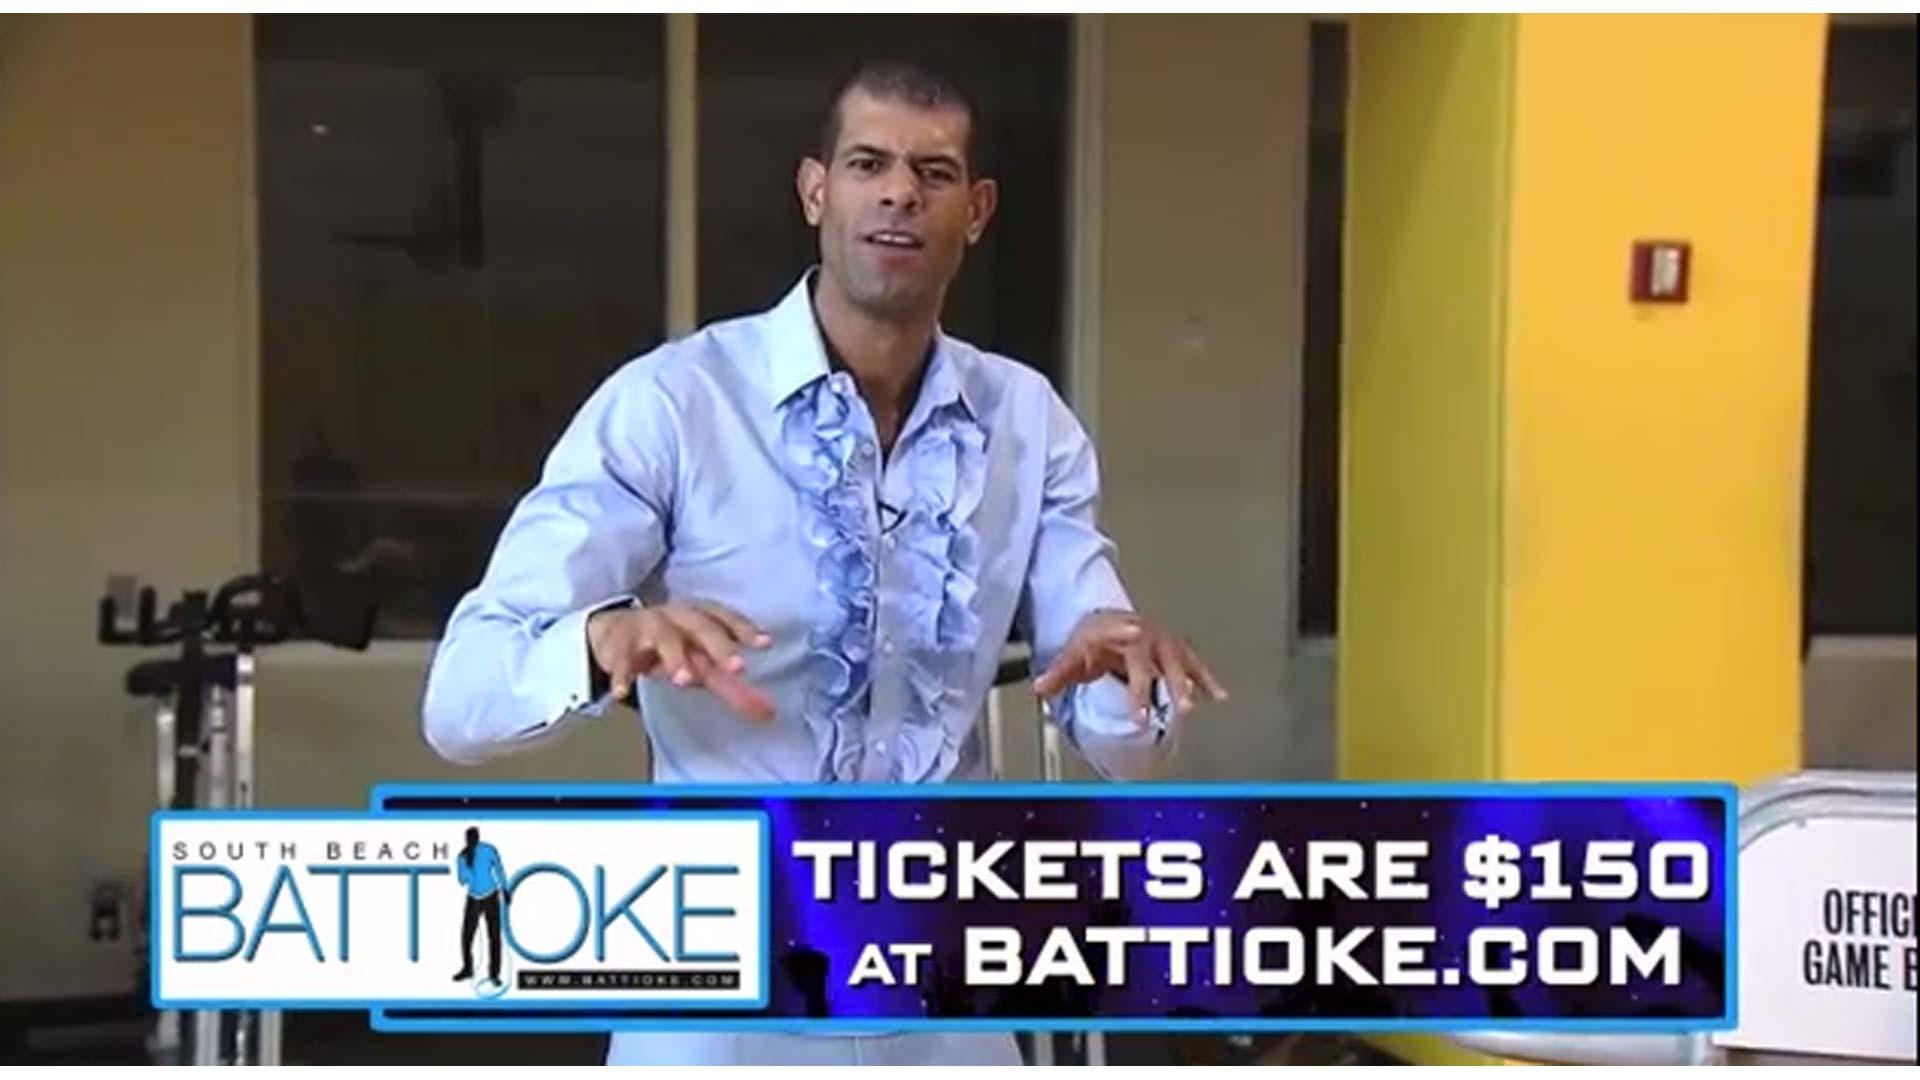 Shane-Battier-battioke-1814-youtube-ftr